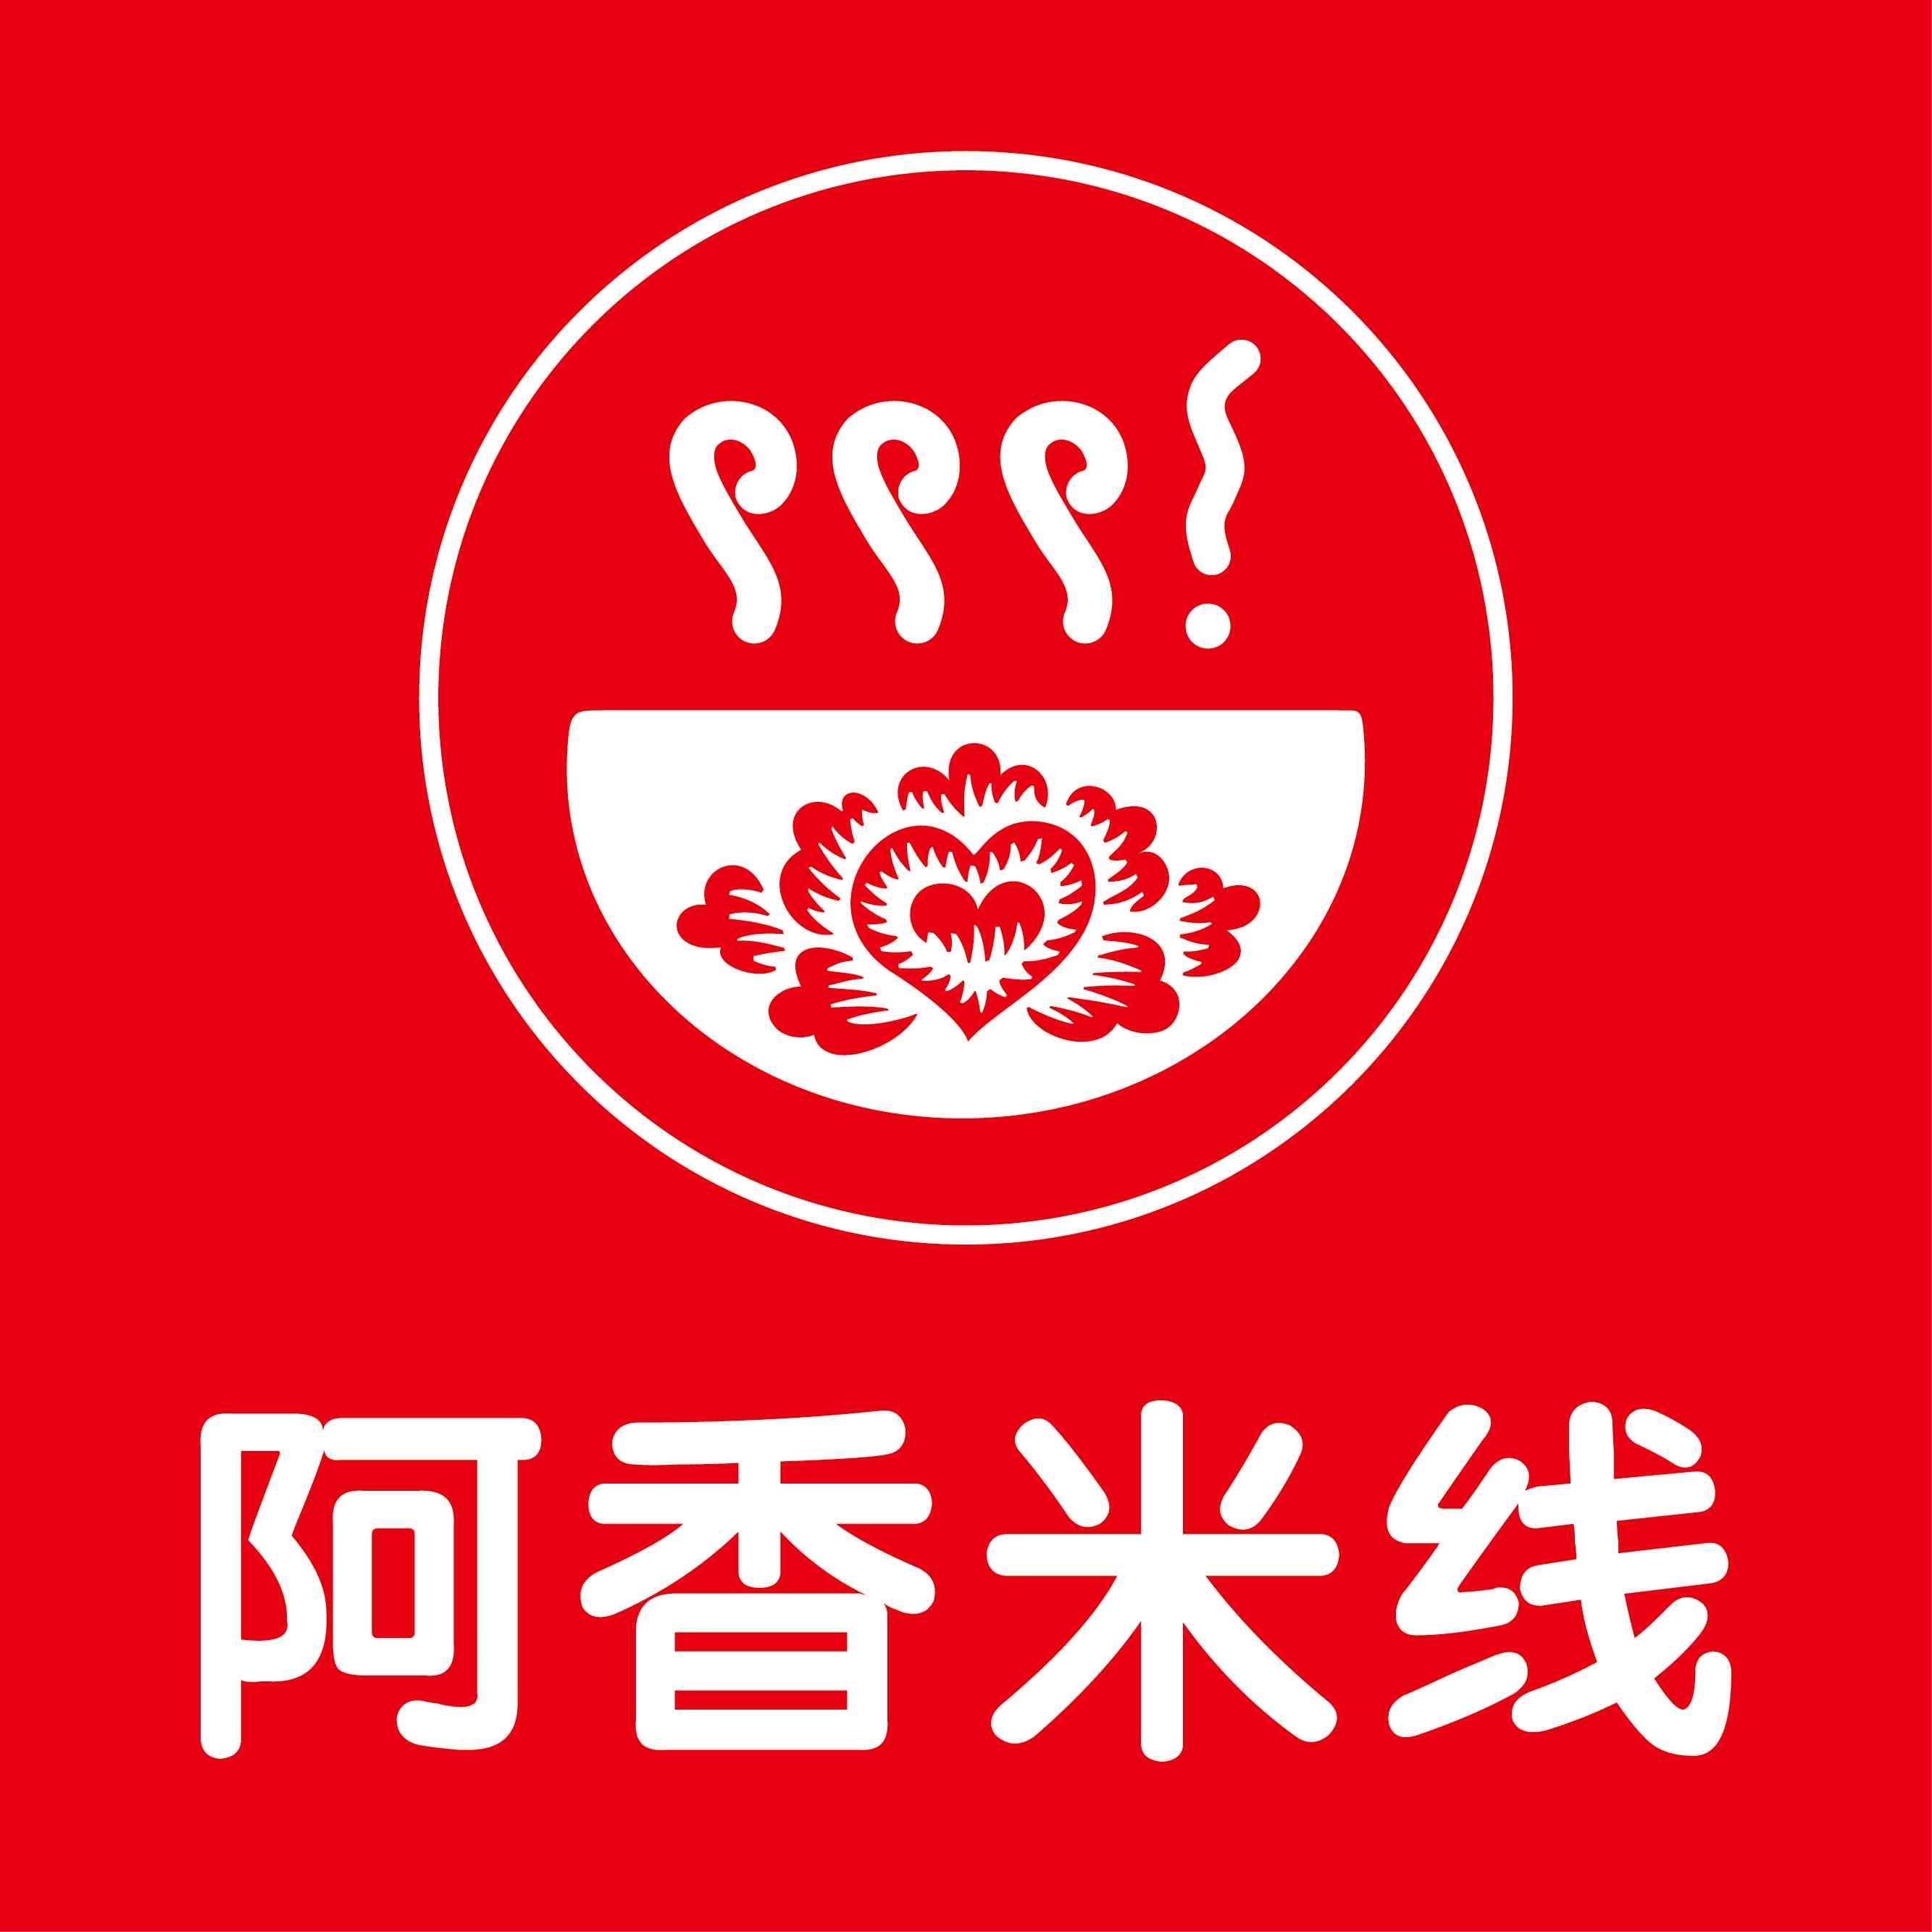 阿香米线(前海利群店)